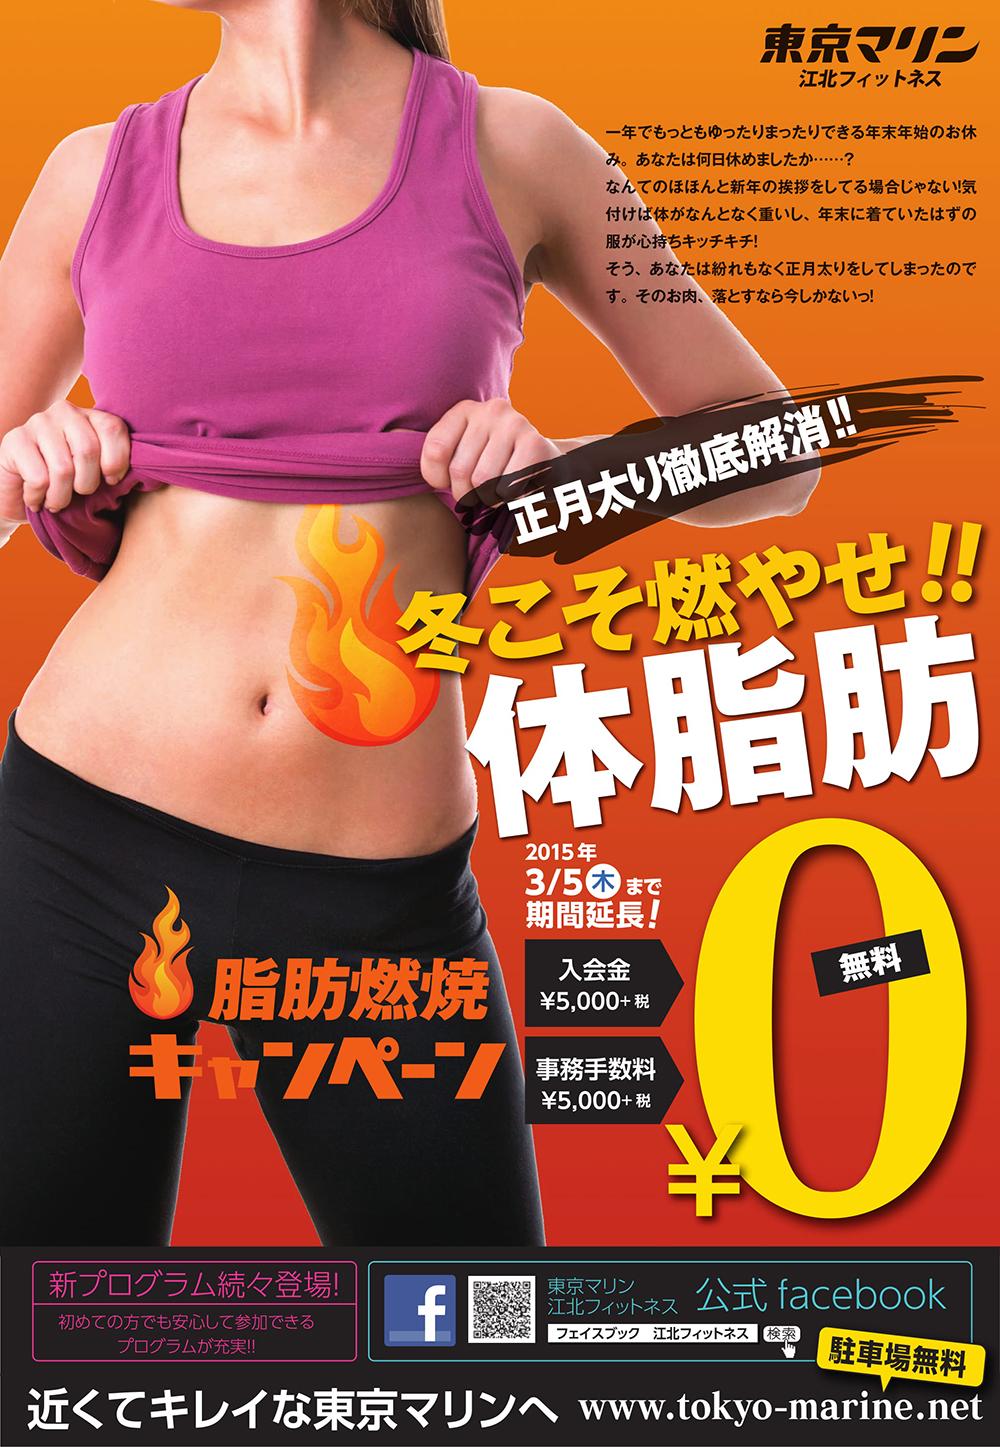 『脂肪燃焼キャンペーン』受付募集中!!(終了いたしました)